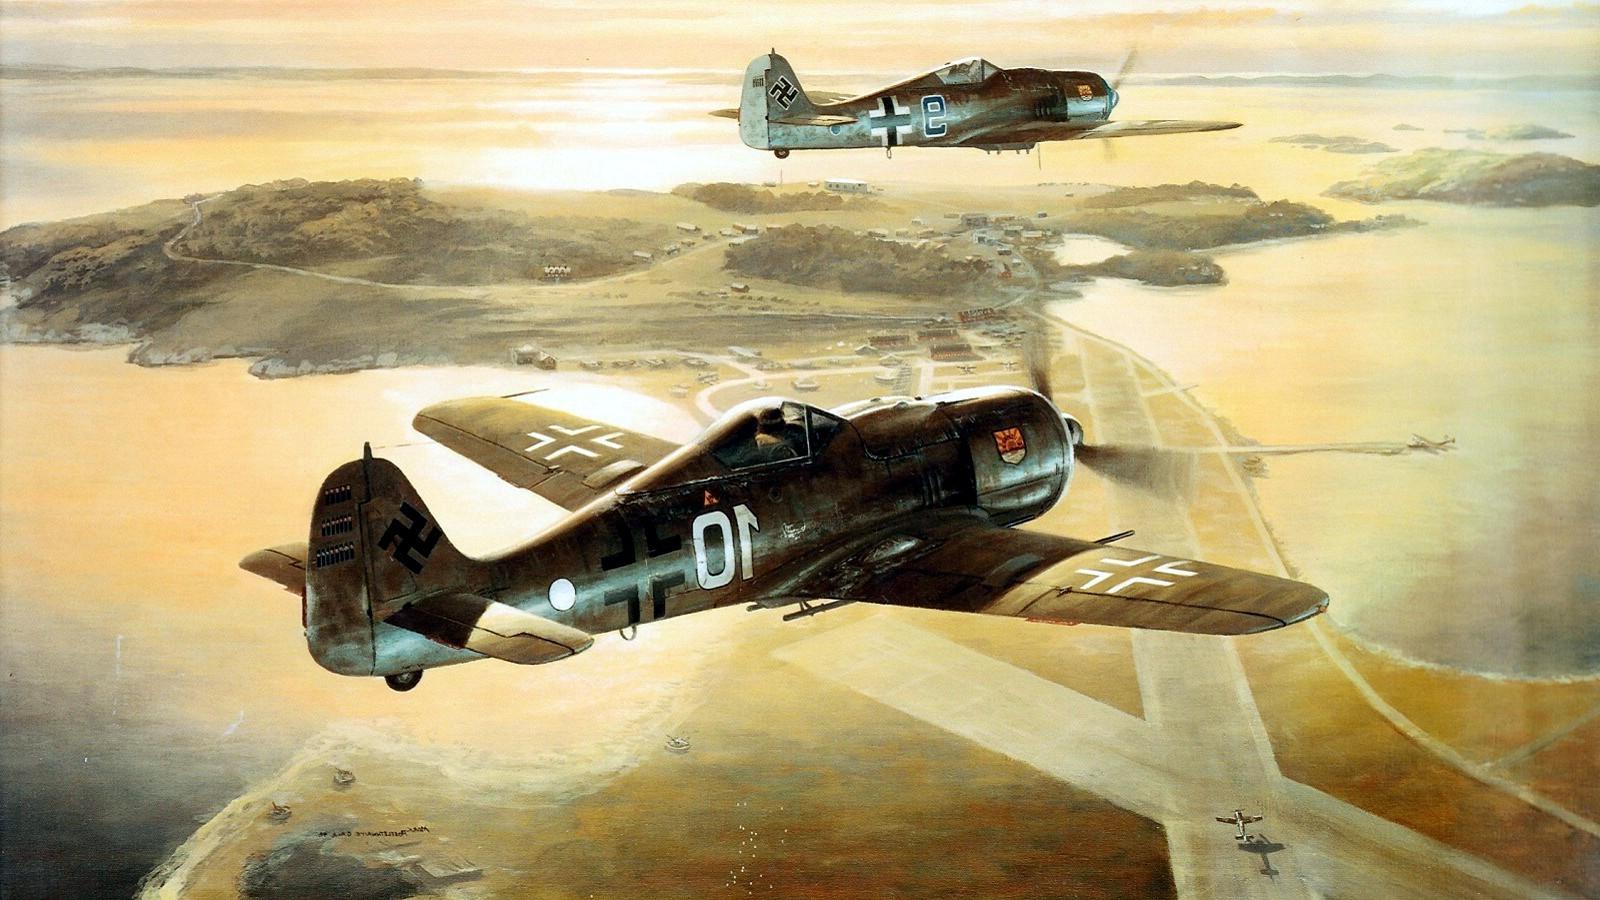 Masaüstü Boyama Uçak Almanya Askeri Askeri Uçak Dünya Savaşı